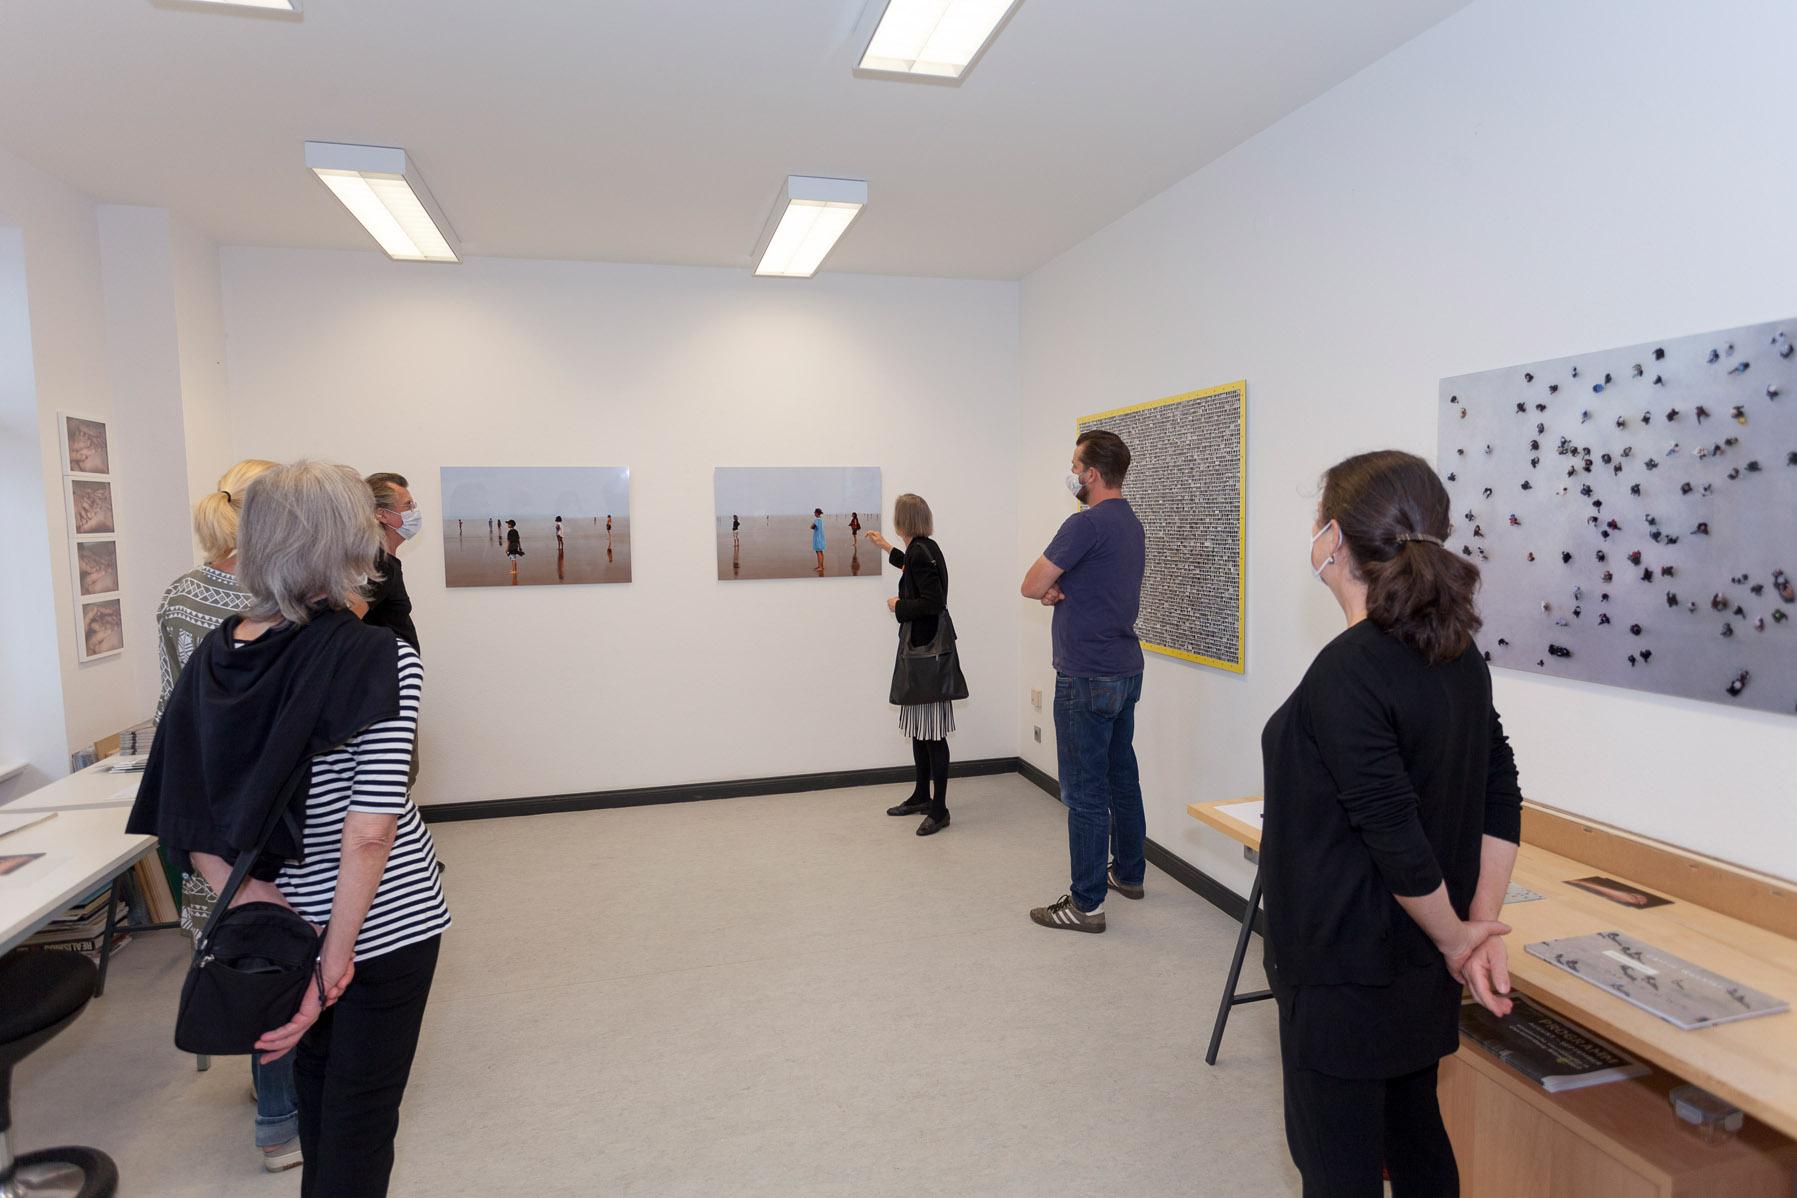 Atelierspaziergang mit Dr. Dorothée Bauerle Willert, Atelier Catrin Wechler